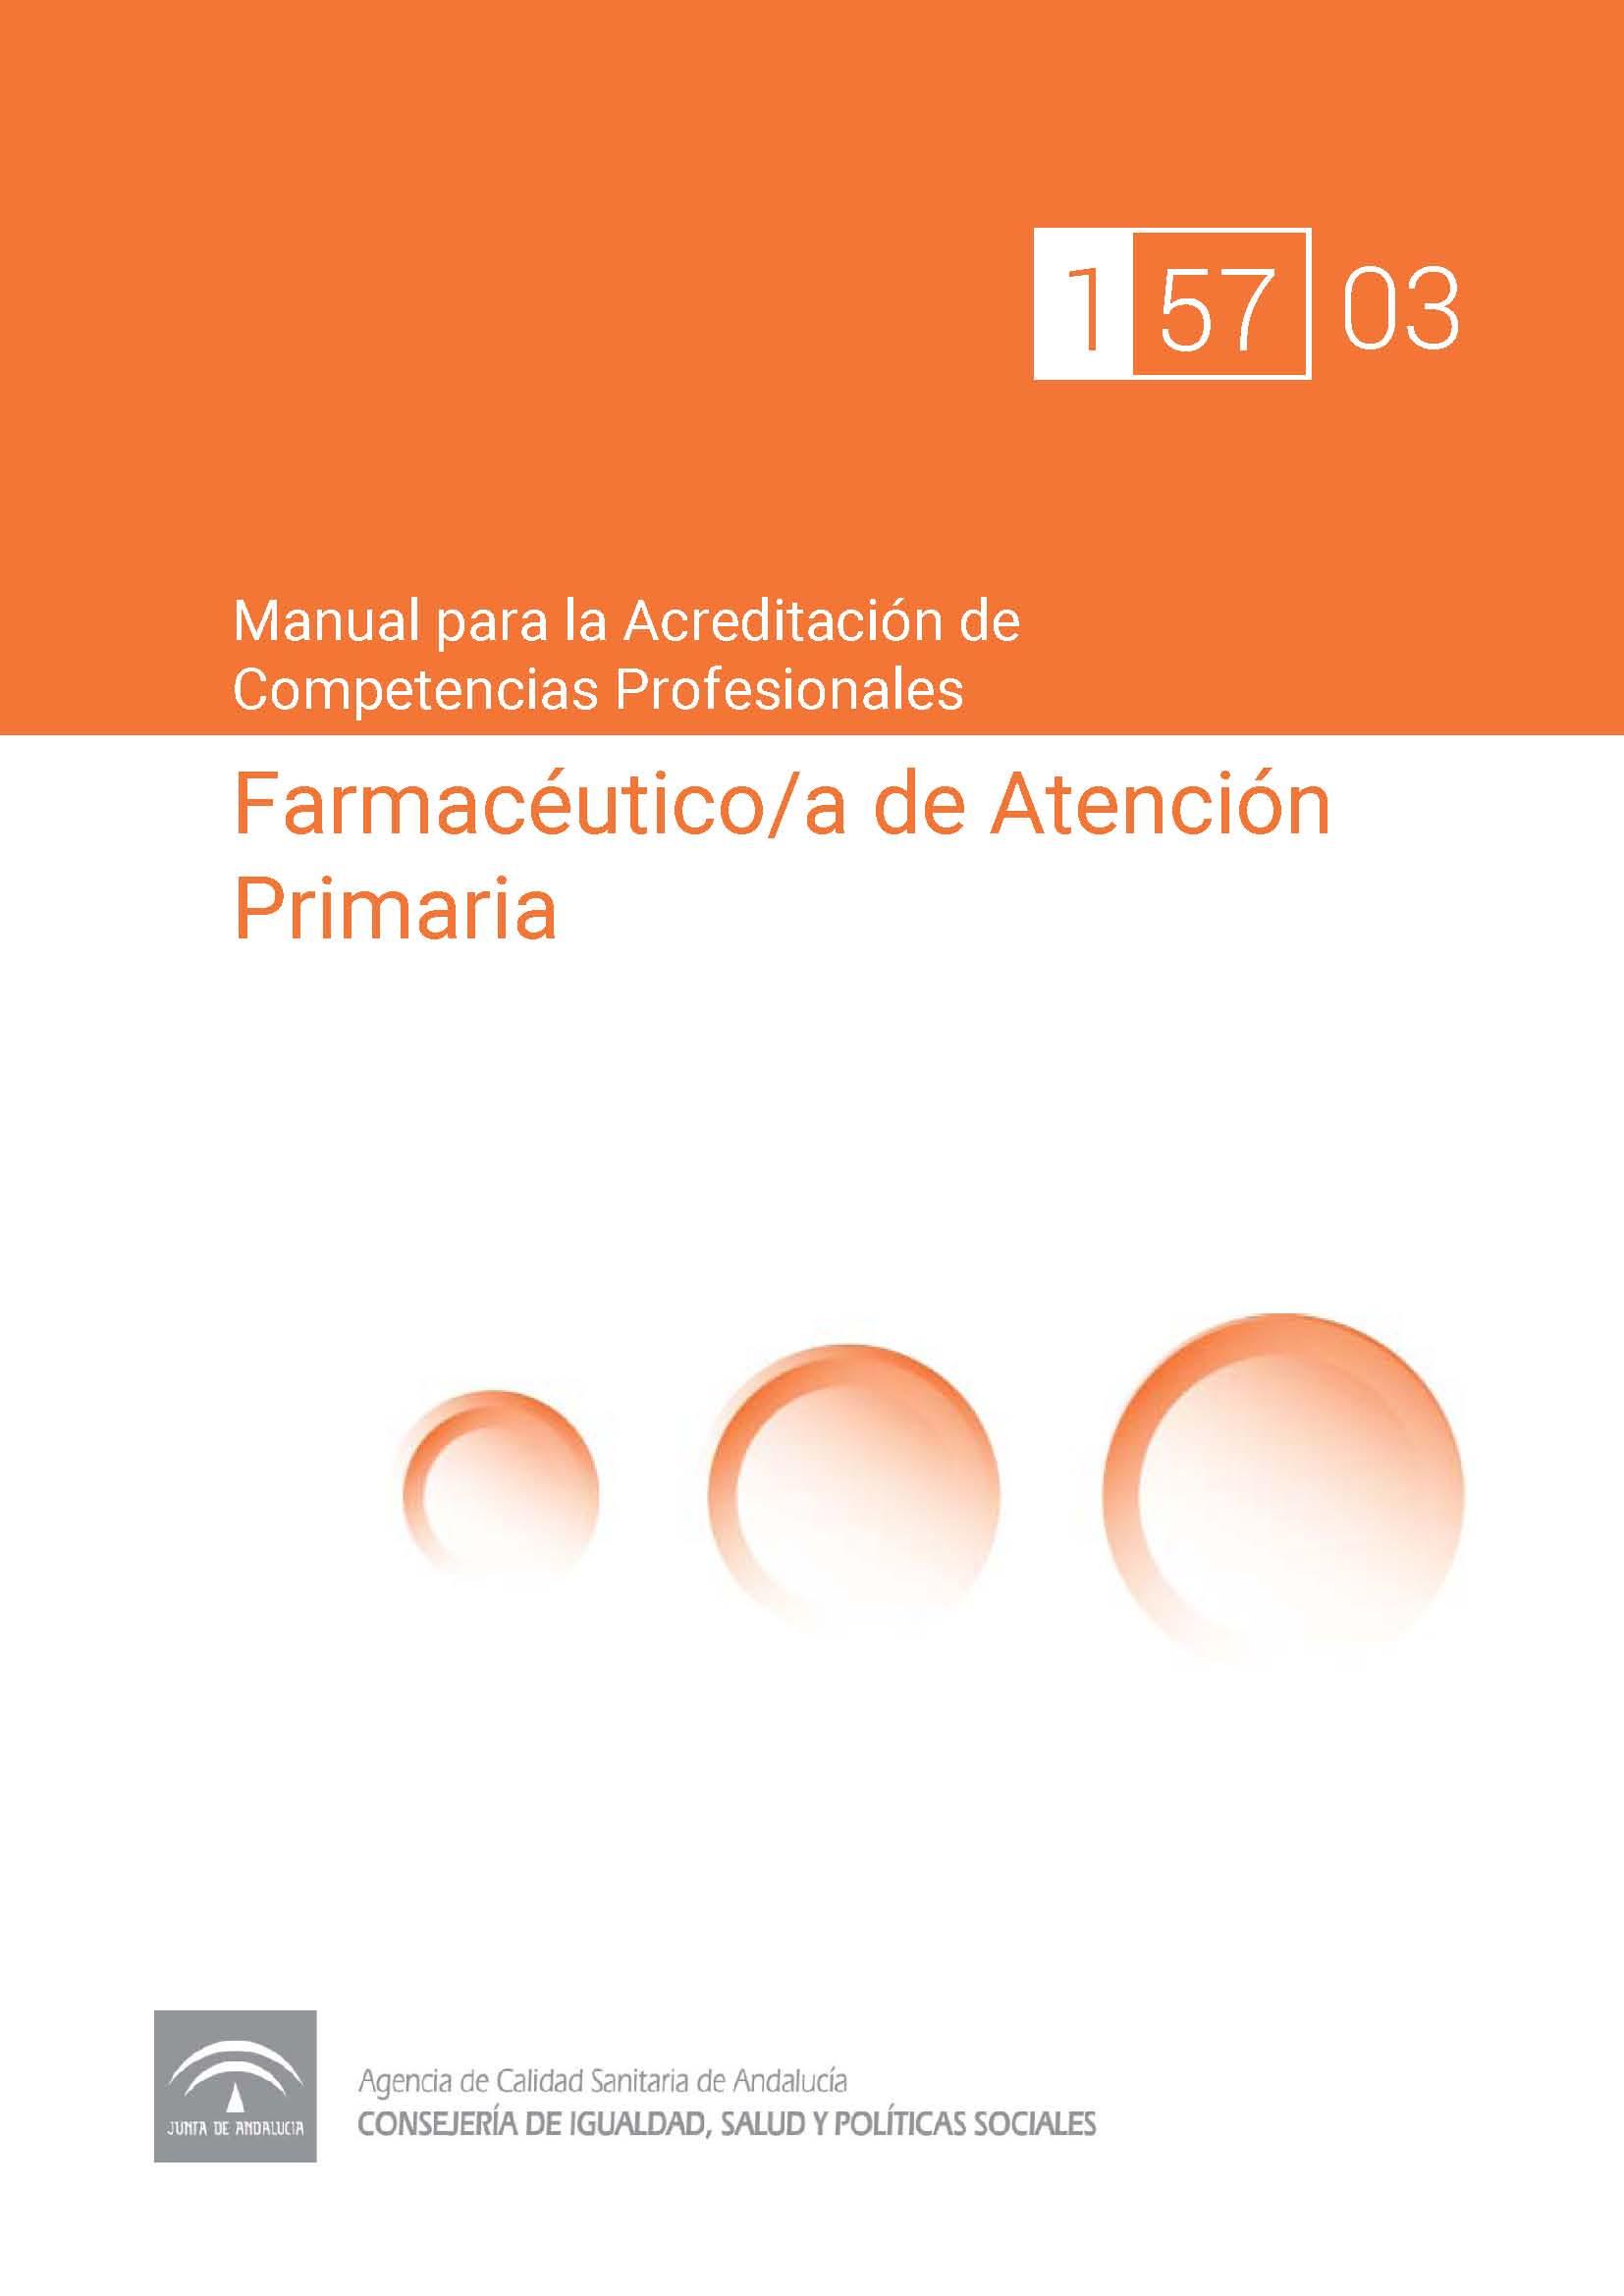 Manual de competencias profesionales del/de la Farmacéutico/a de Atención Primaria